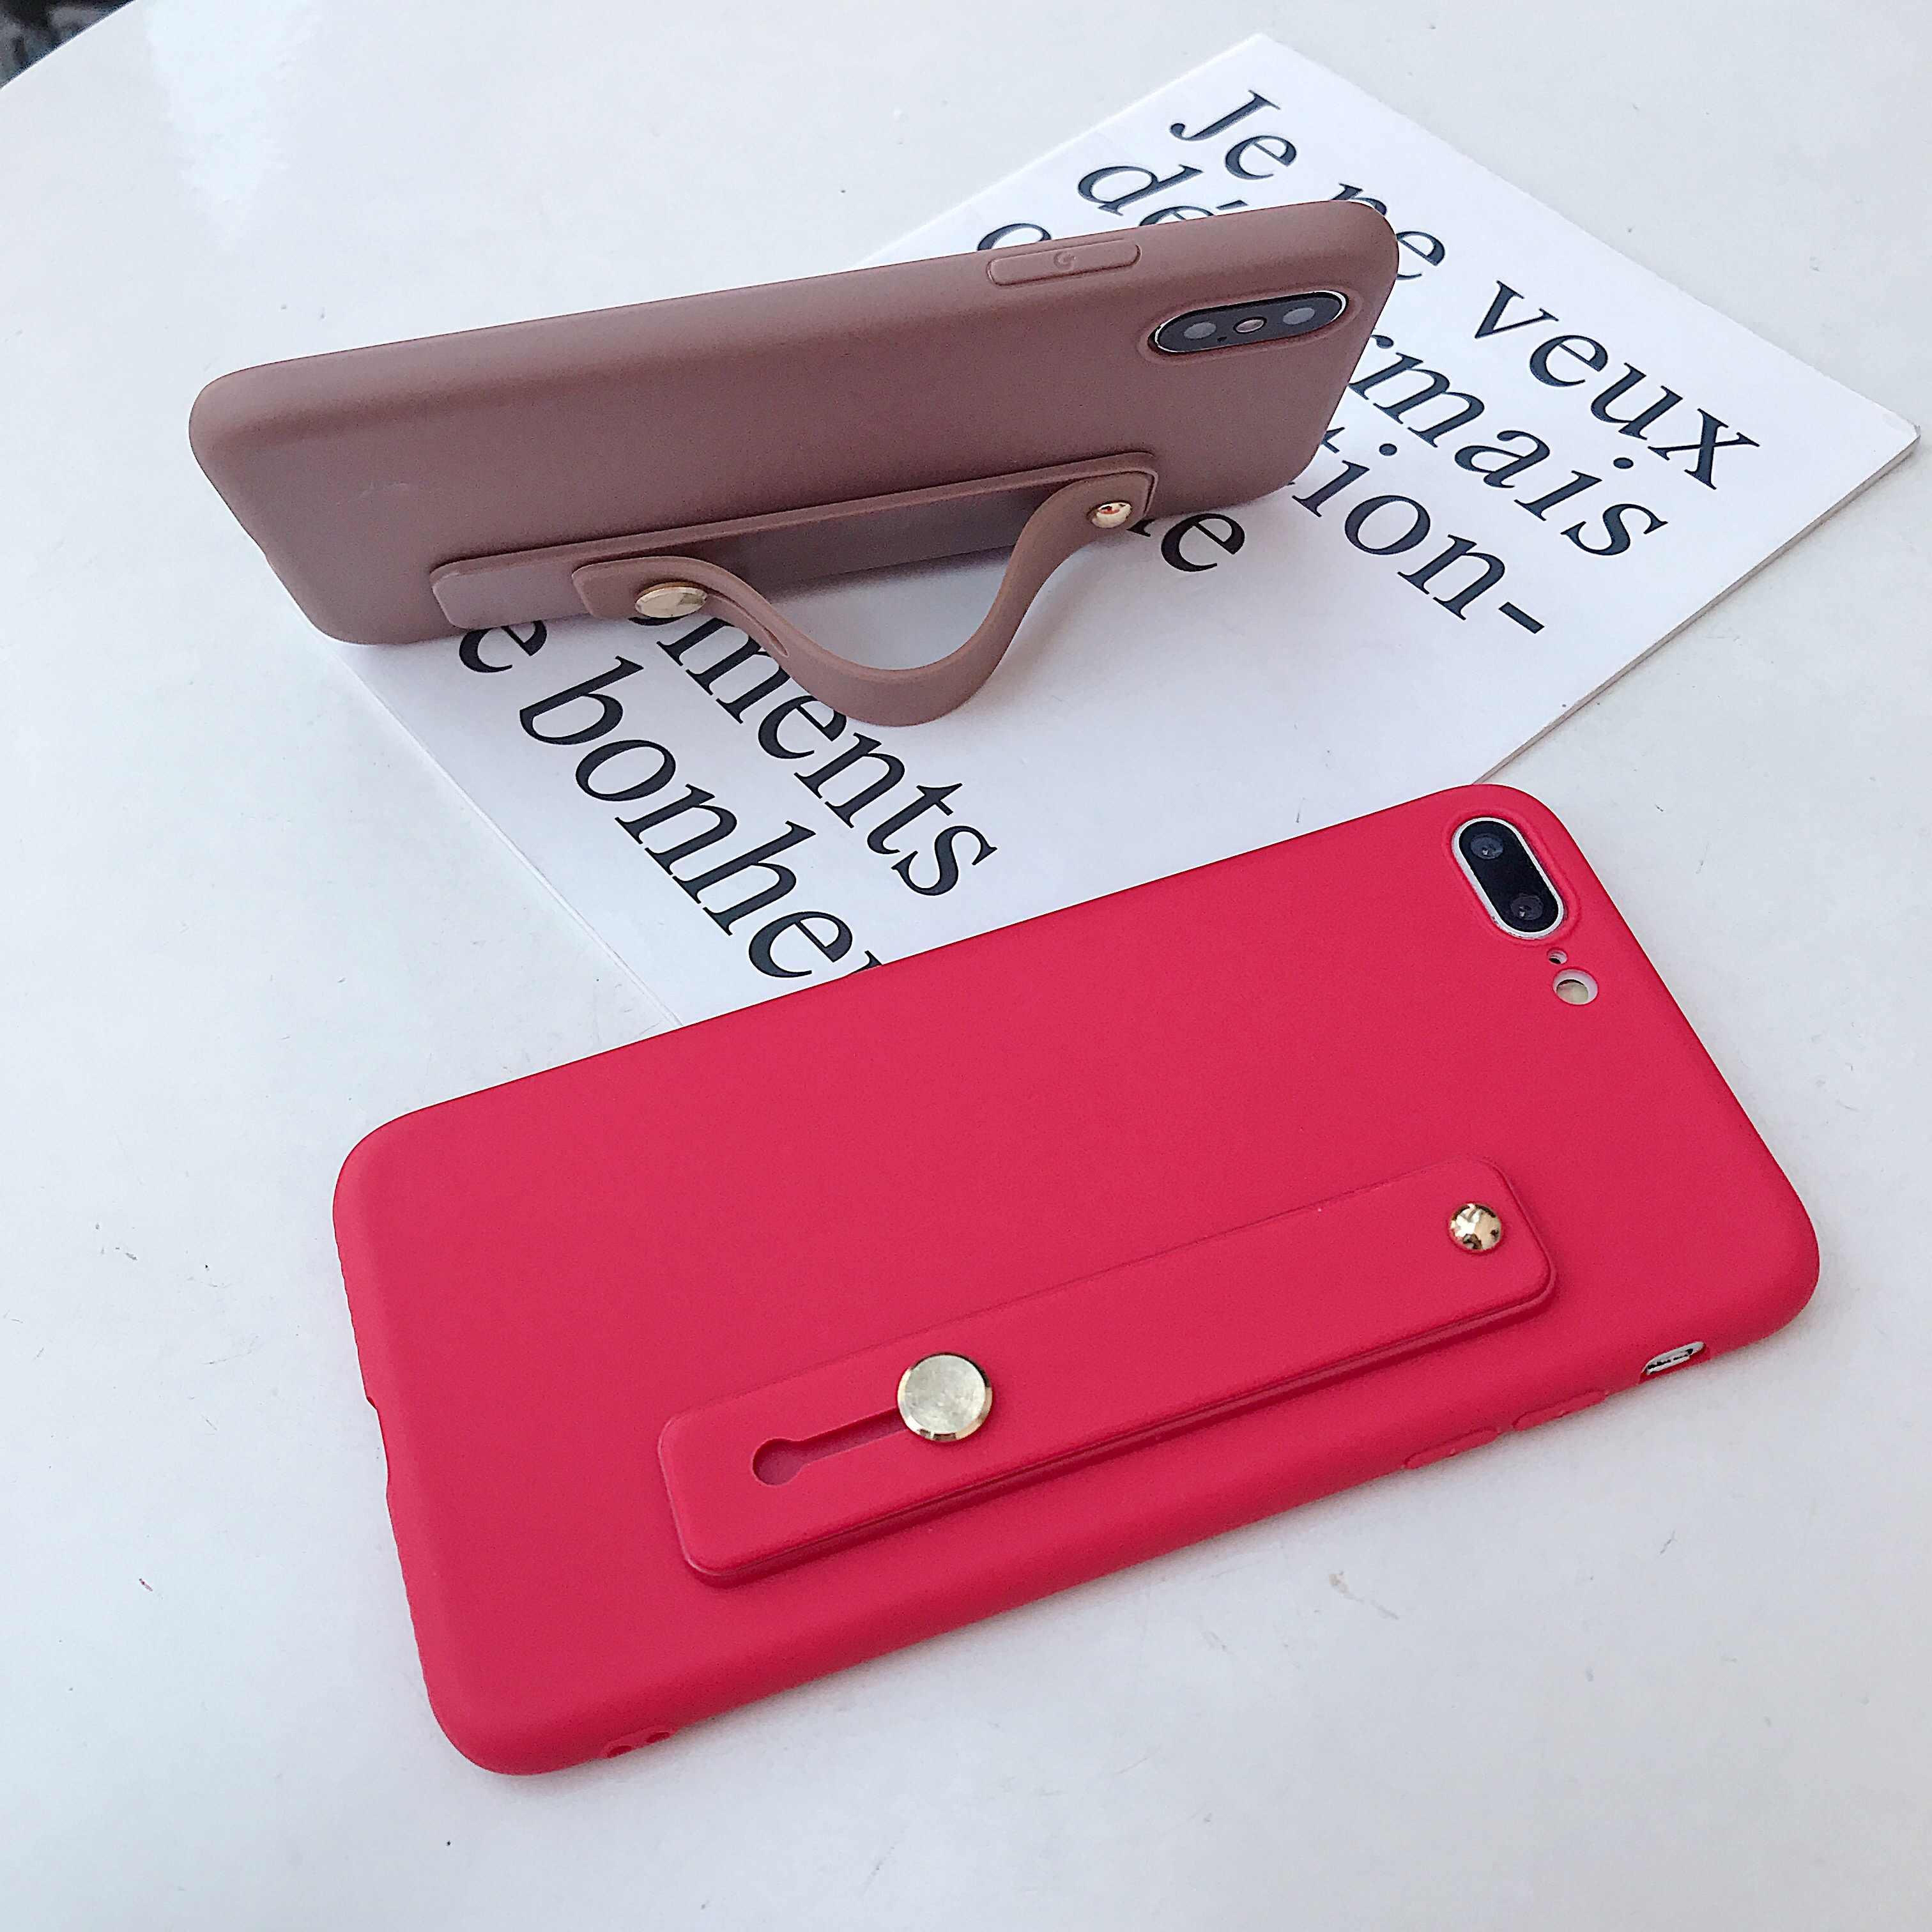 Candy Farbe Handgelenk Strap Halterung Weiche Telefon Fall Für iphone X XR XS MAX 6S 7 8 Plus 11 für samsung S8 S9 S10 e S20 Note10 Lite +